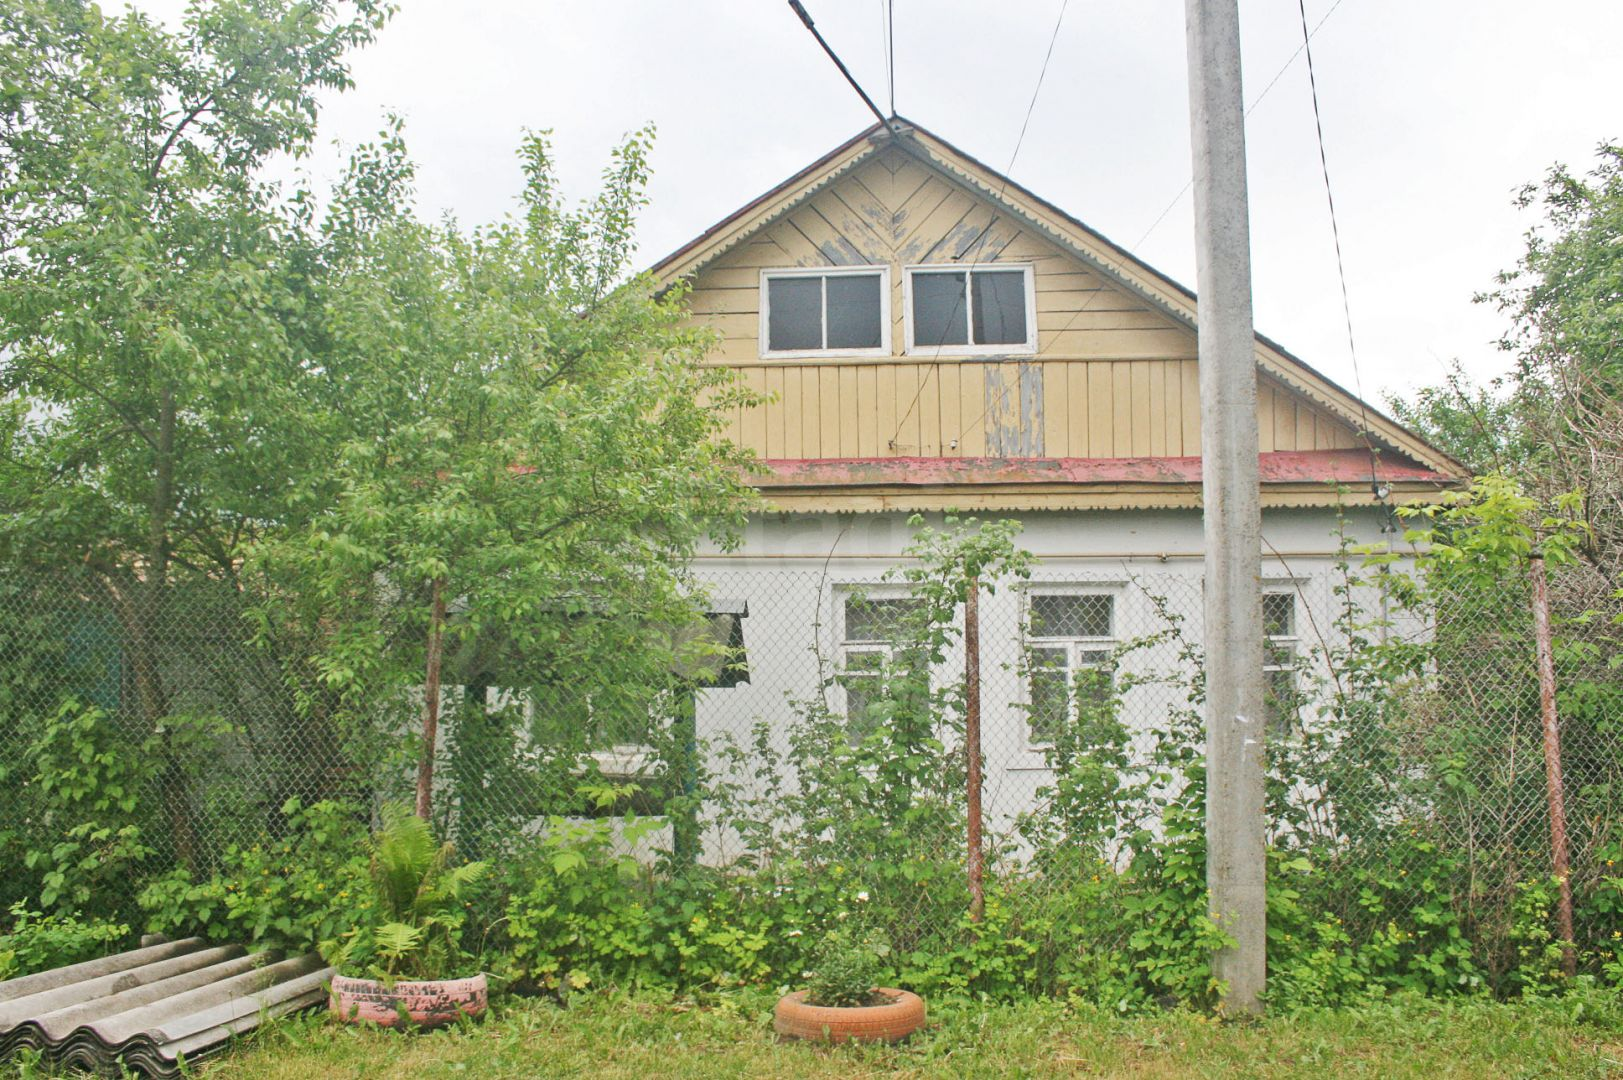 Муром, Горького, дом блочный с участком 6 cот на продажу